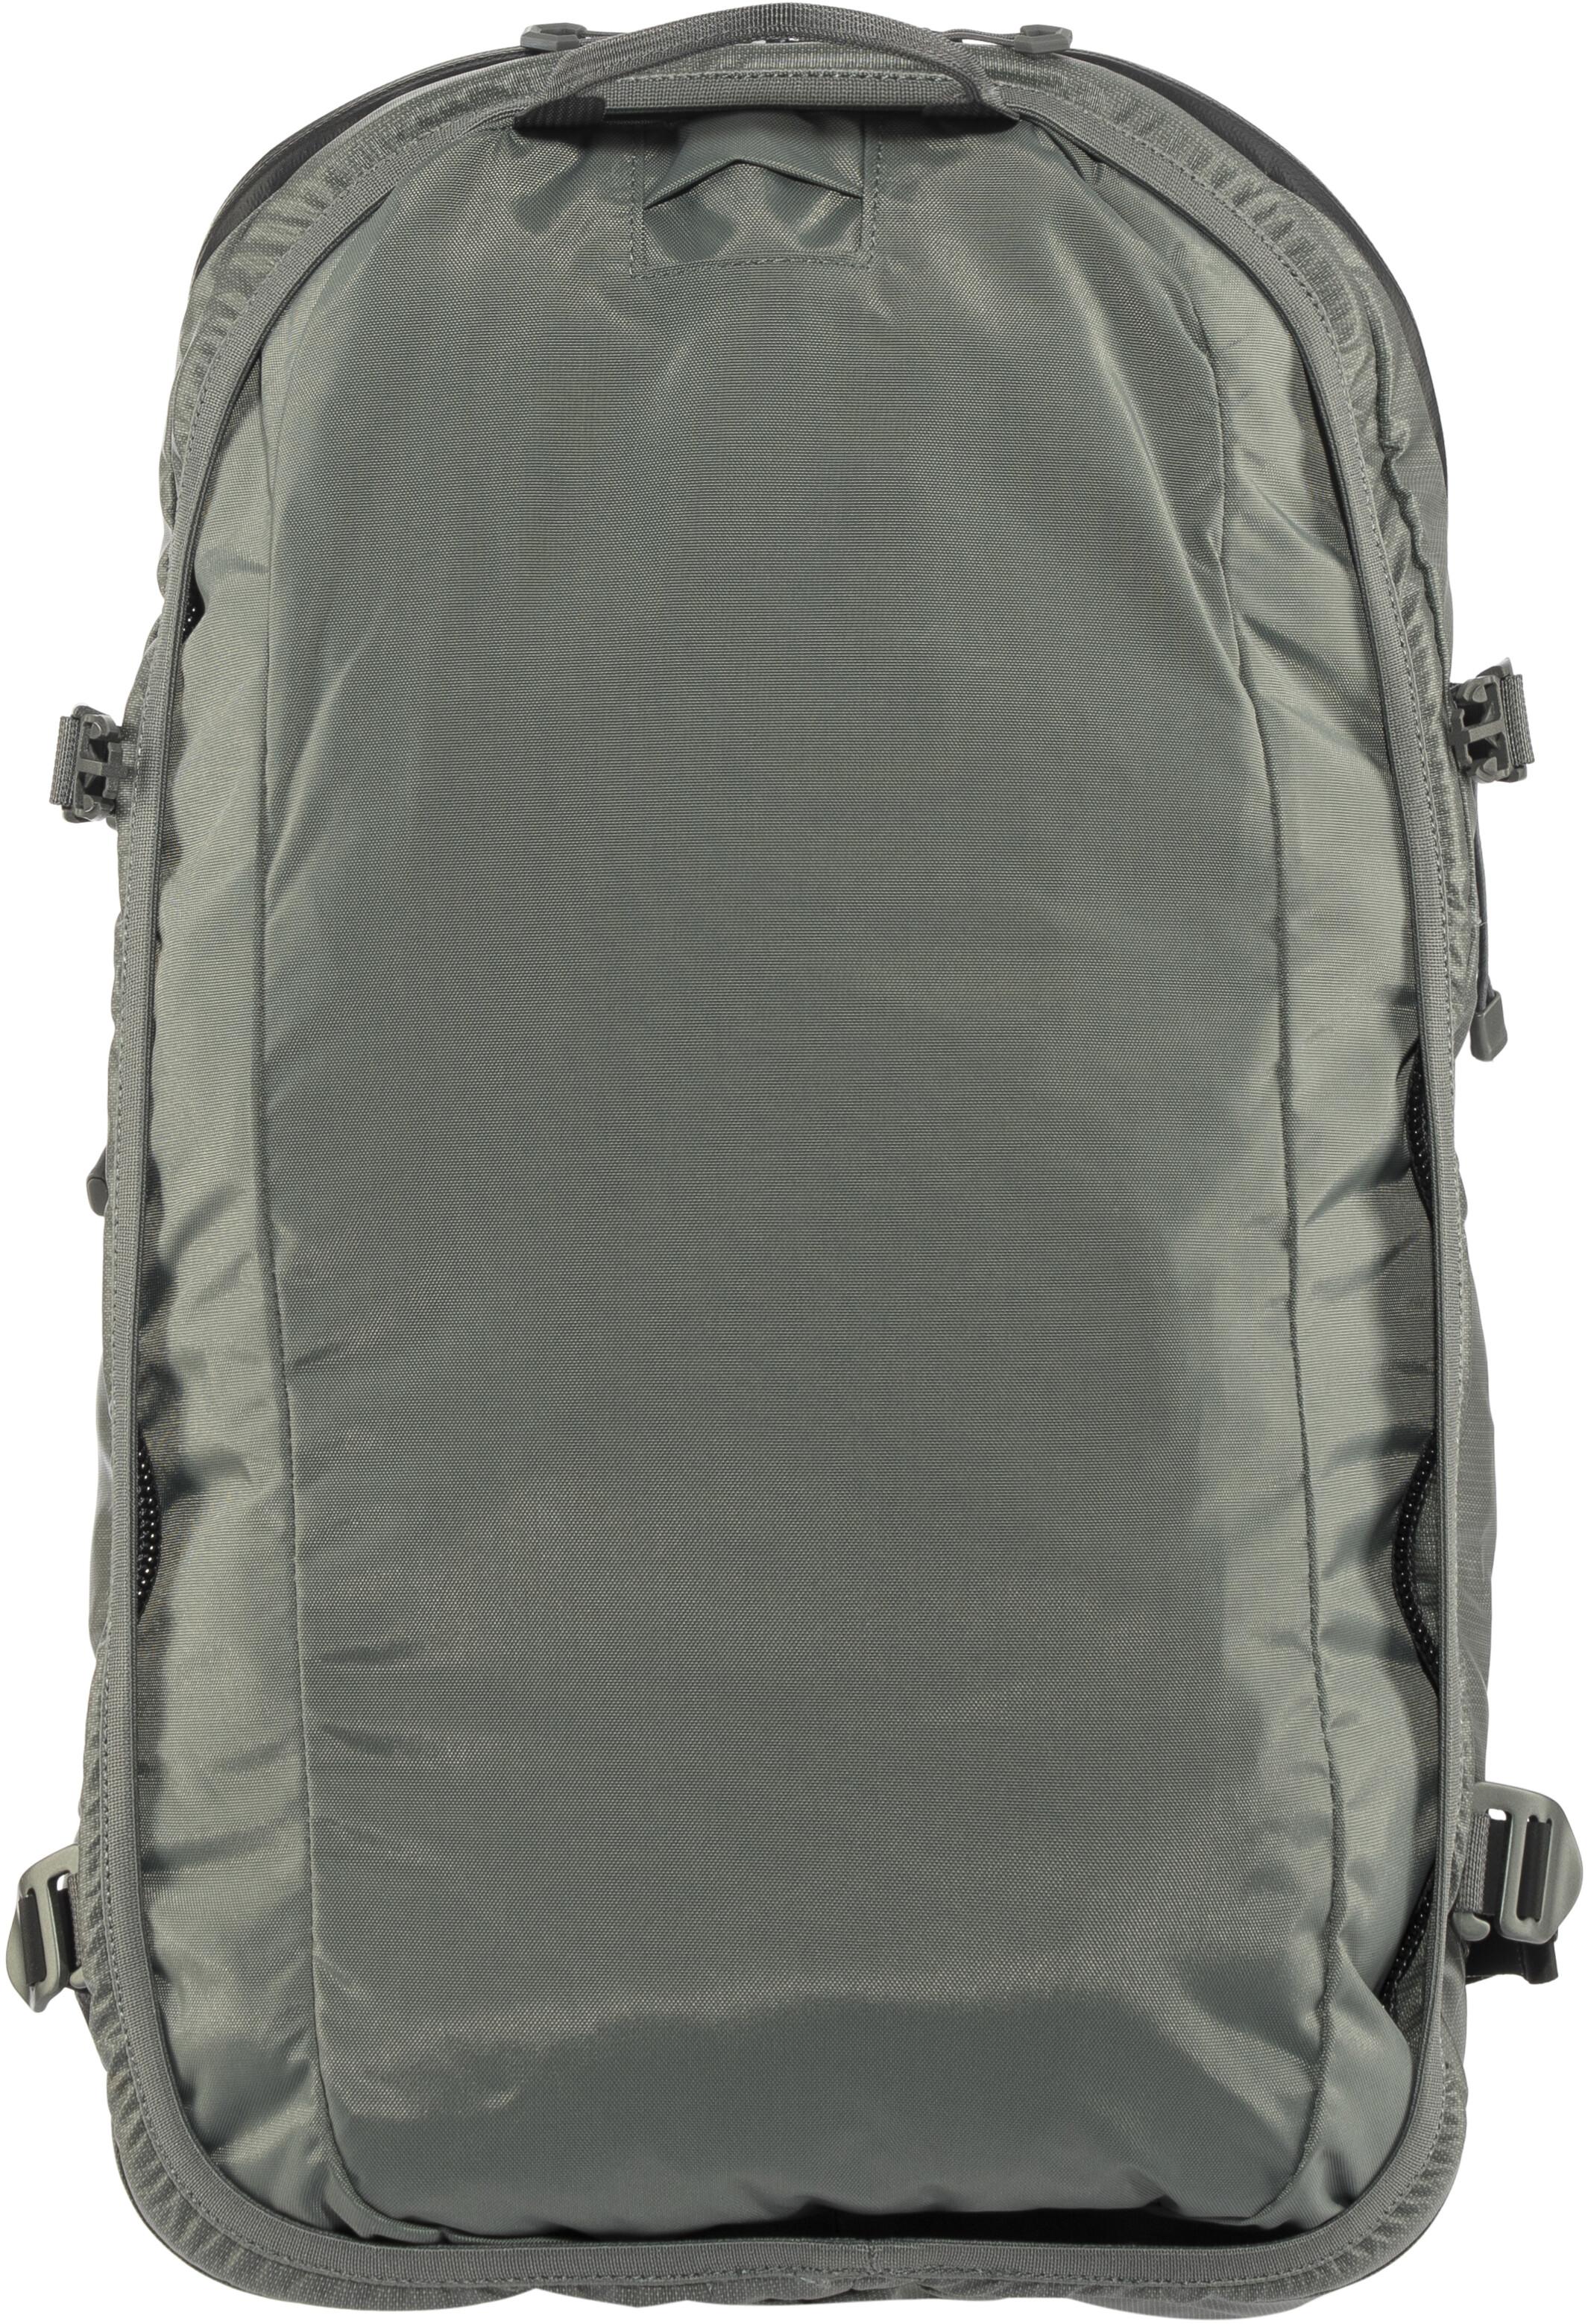 57e8814a10 ABS P.RIDE Compact Zaino airbag 30l grigio su Addnature